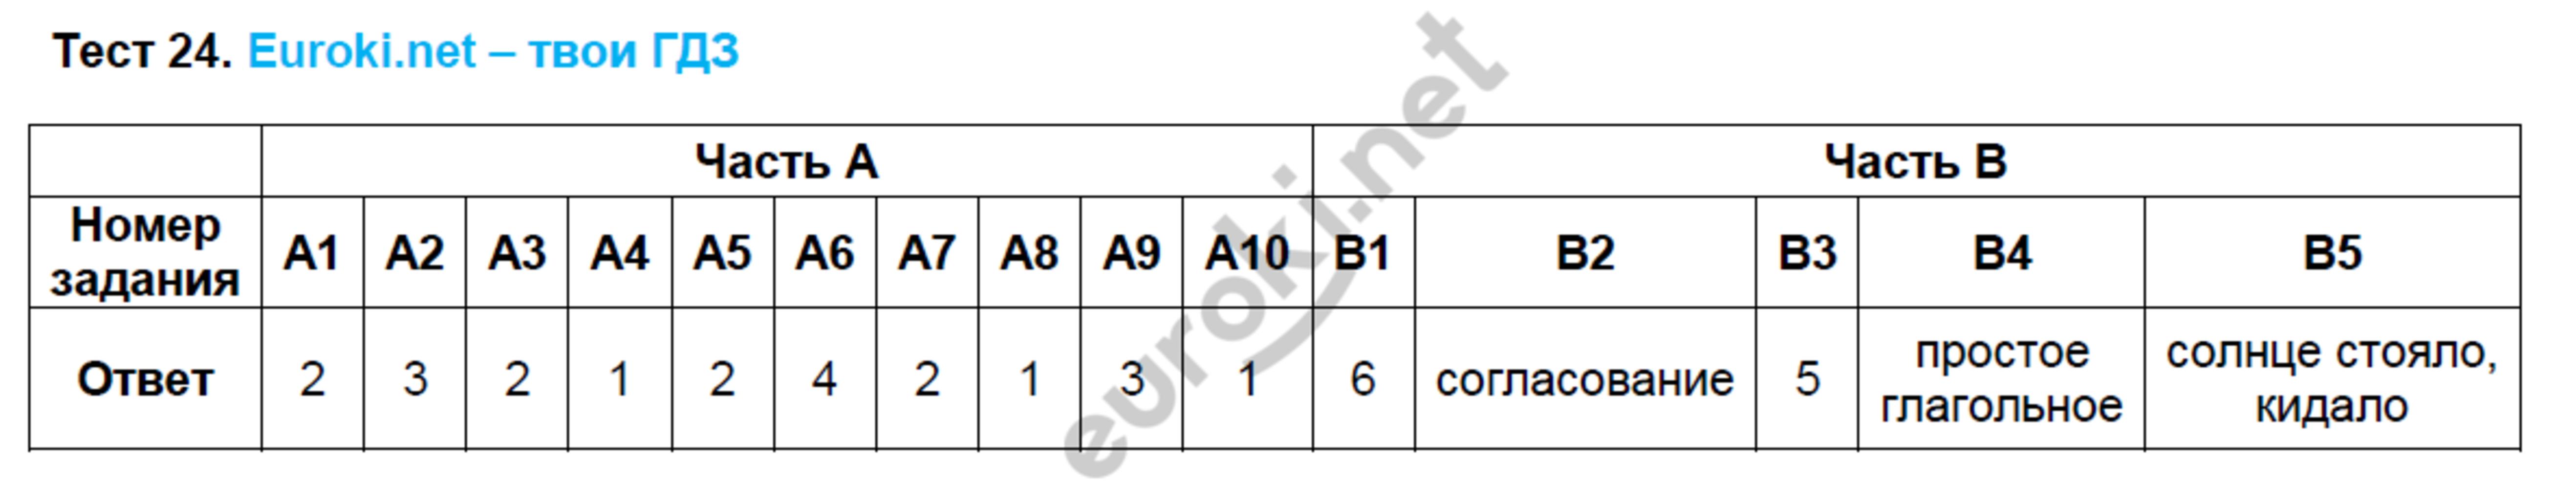 ГДЗ по русскому языку 8 класс тесты Груздева, Разумовская. Задание: Тест 24